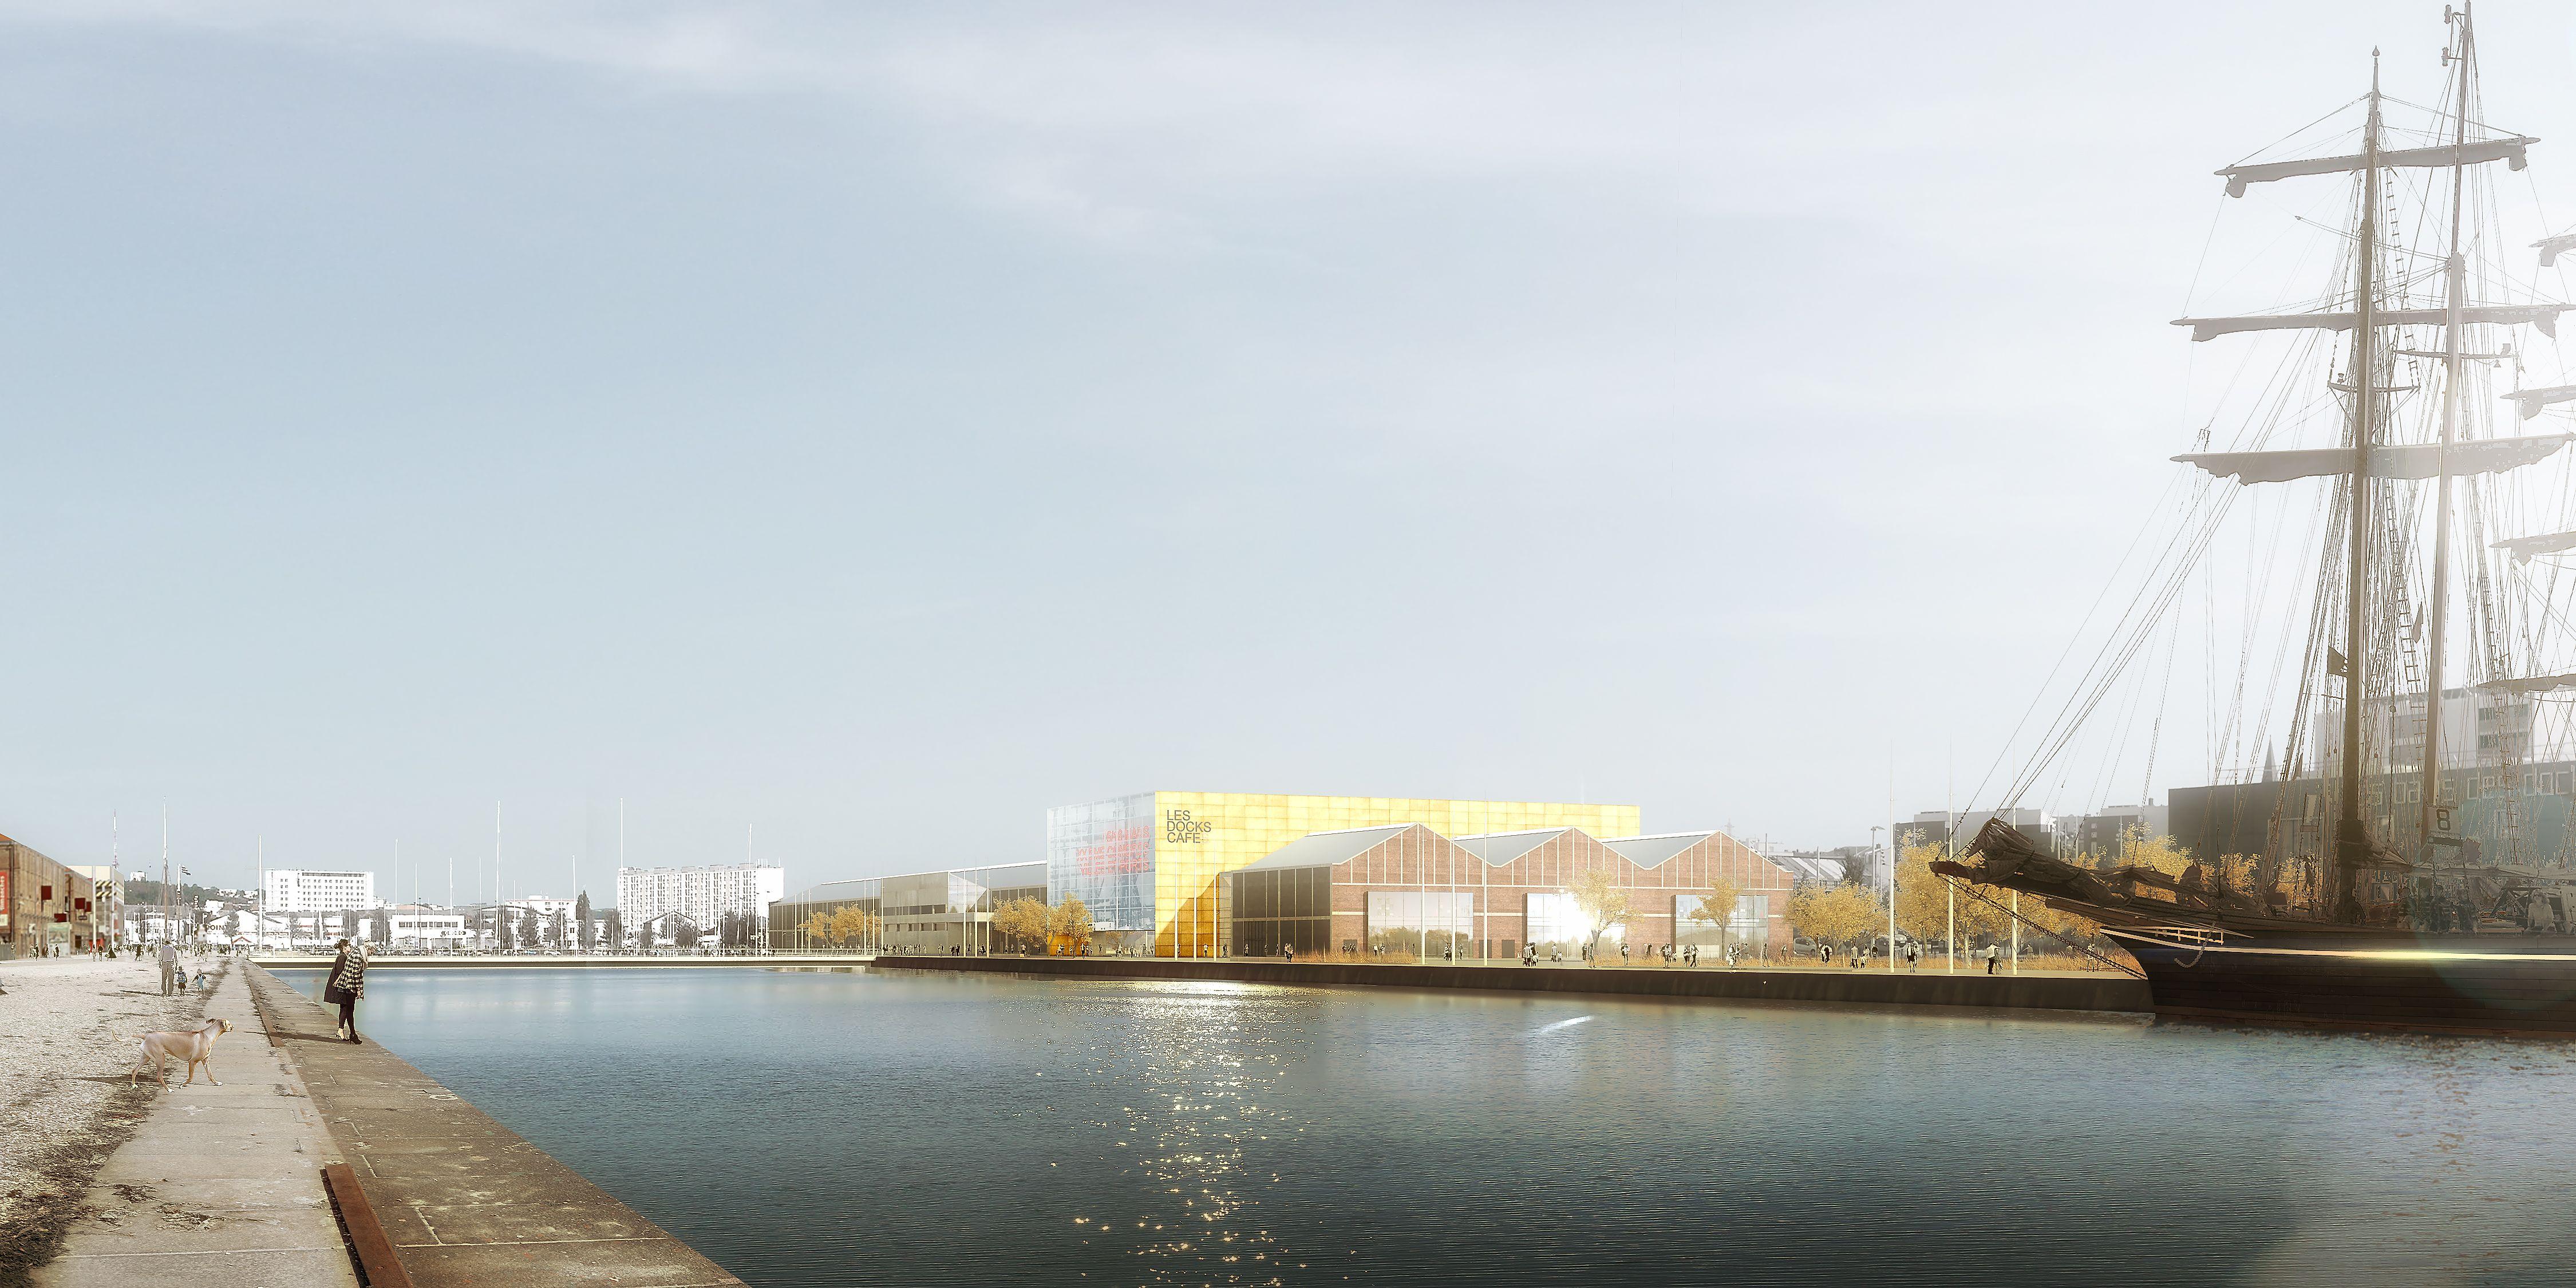 Vue d'artiste du futur centre de spectacles et de congrès du Havre  @Paul Andreu, architecte